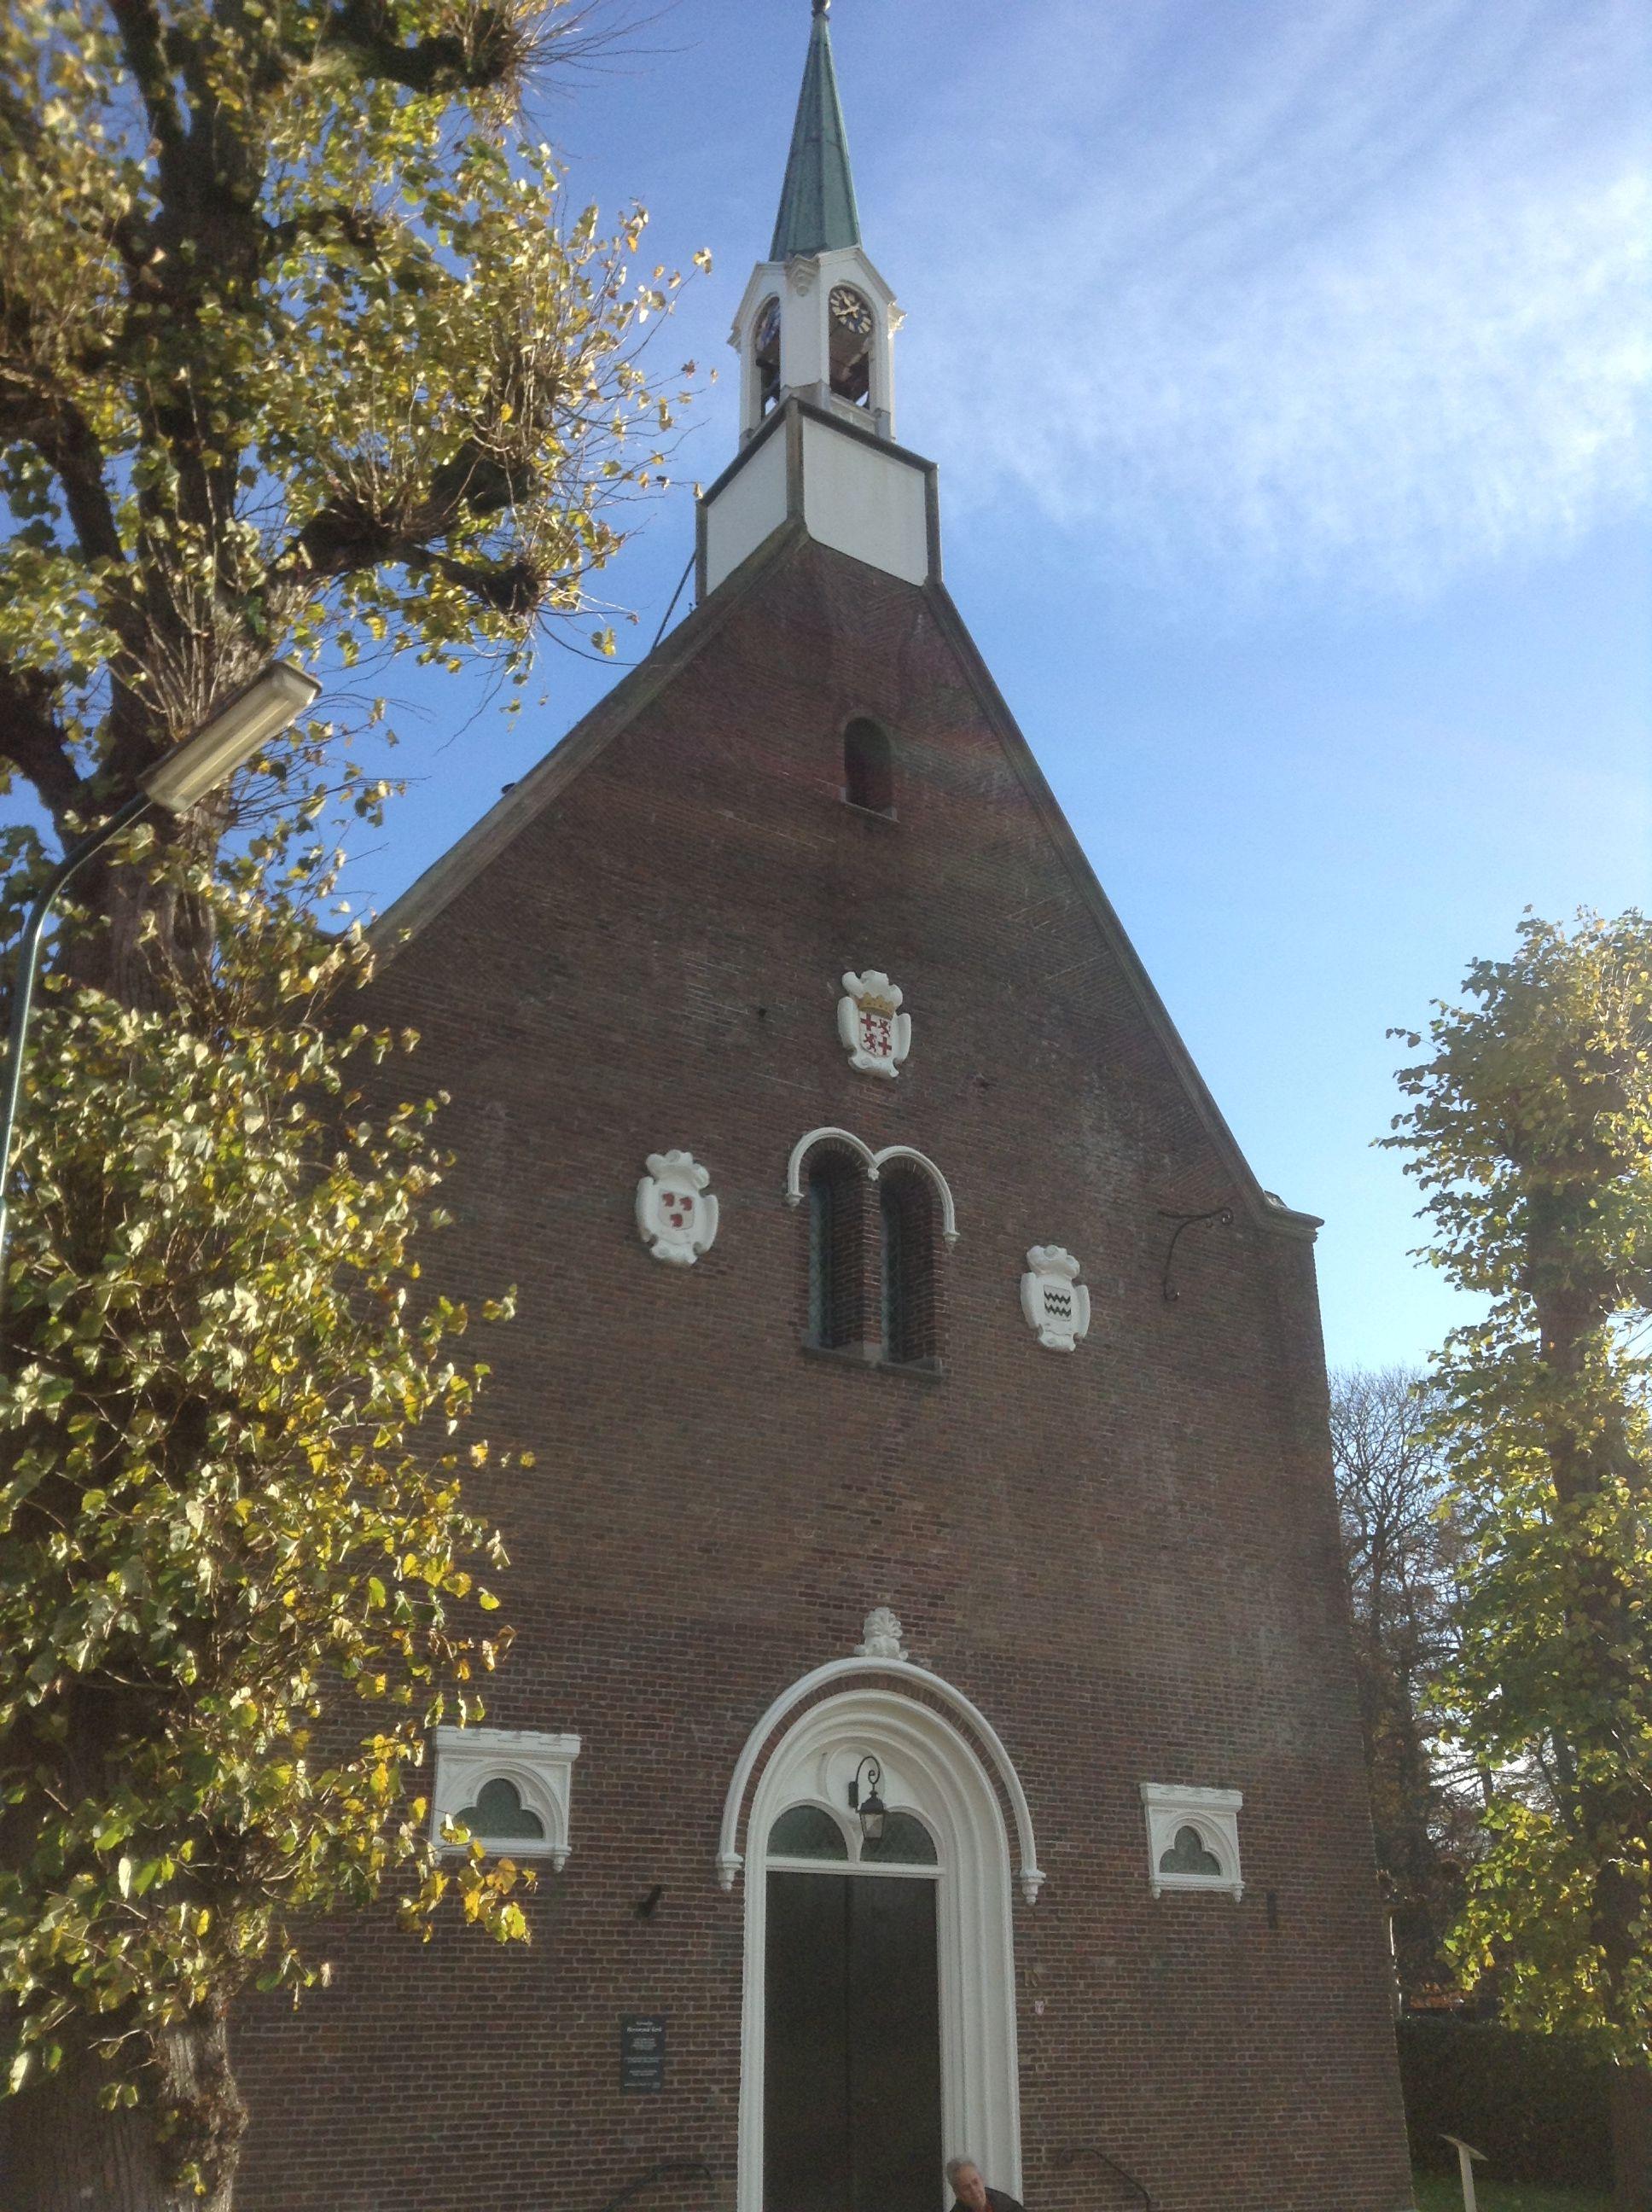 Prachtig kerkje in Oud Zuilen #Utrechtpad #wandelen